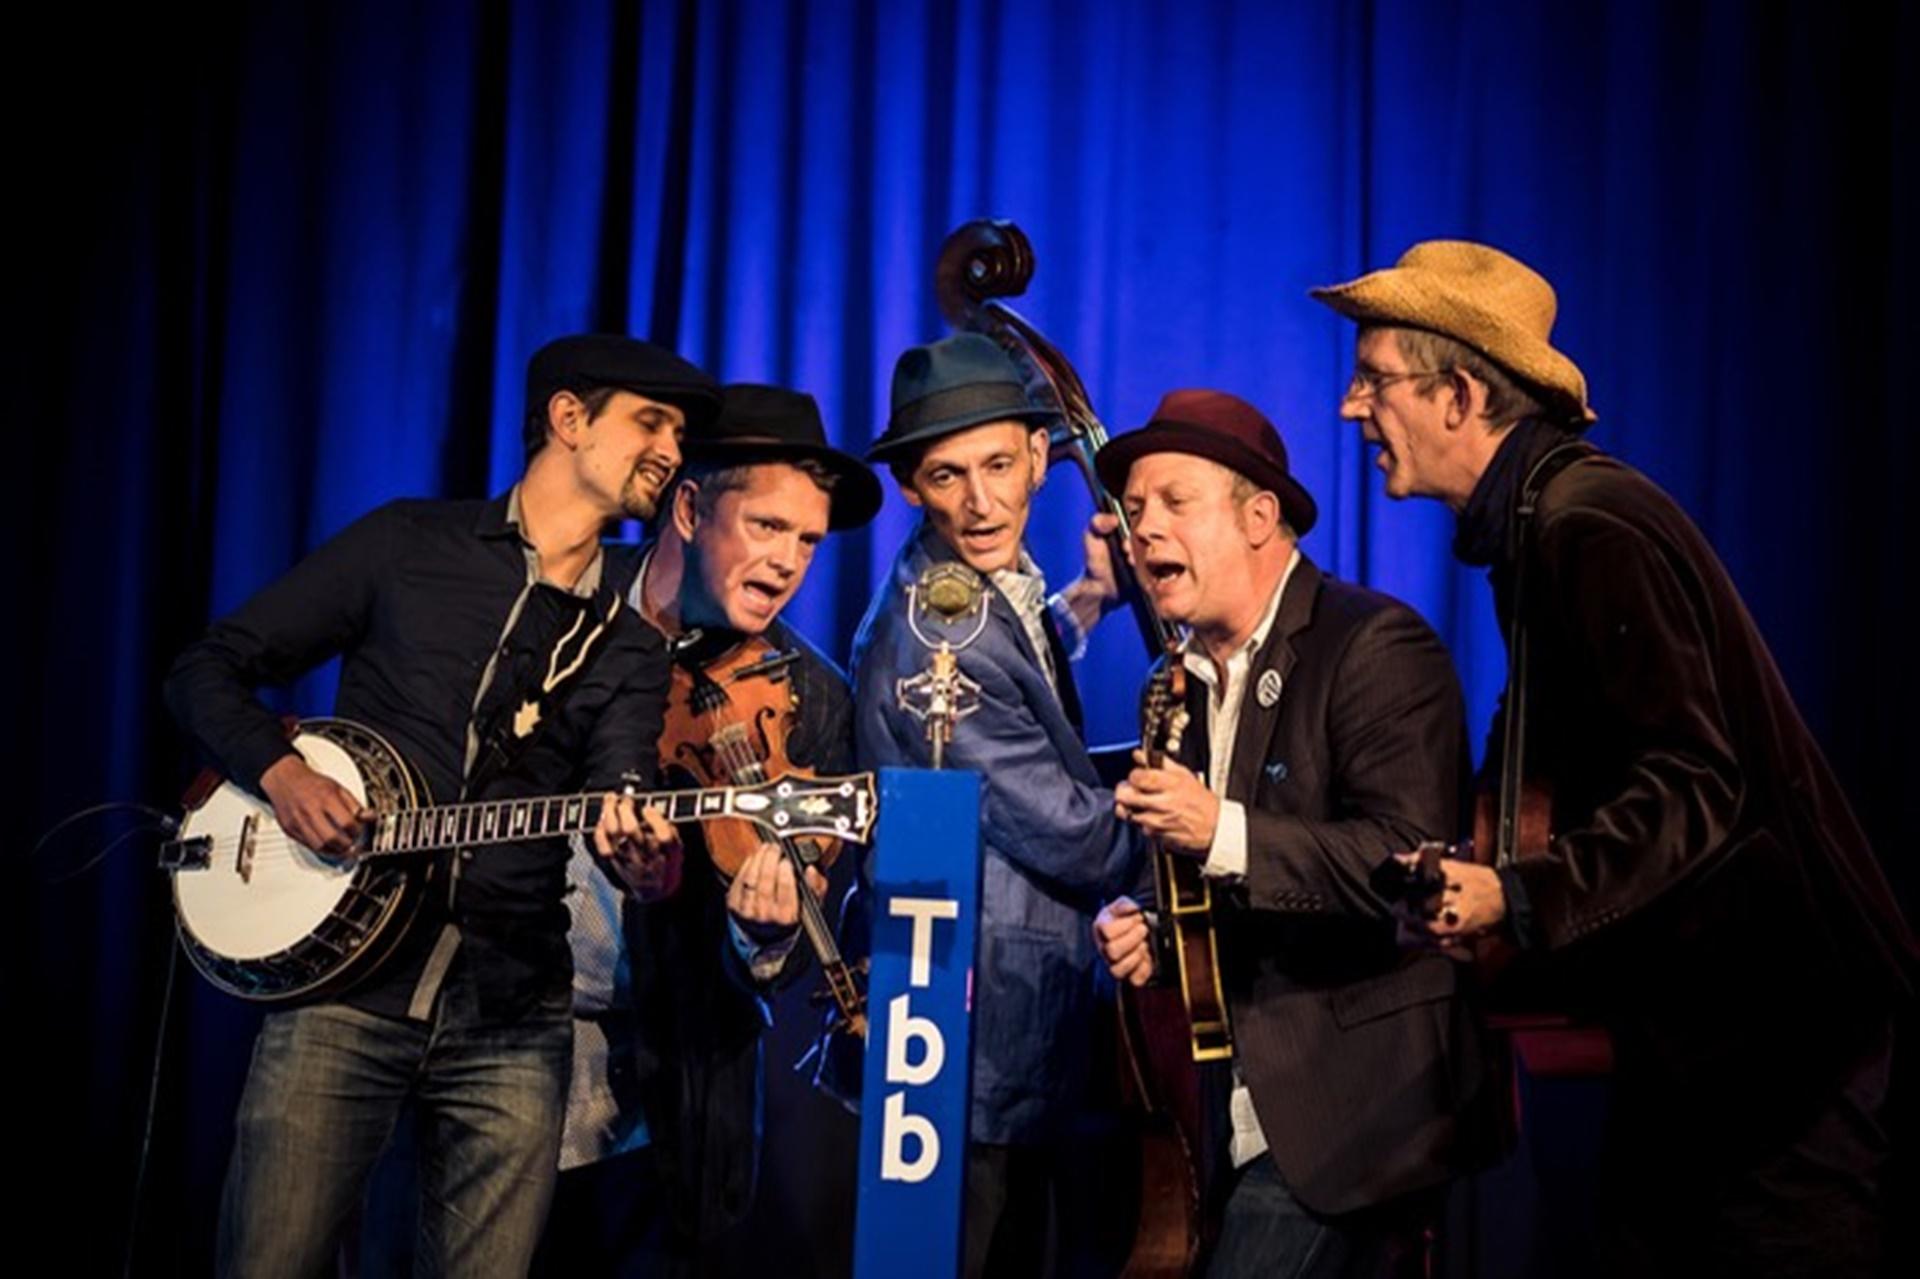 Thunderbridge Bluegrass Boys